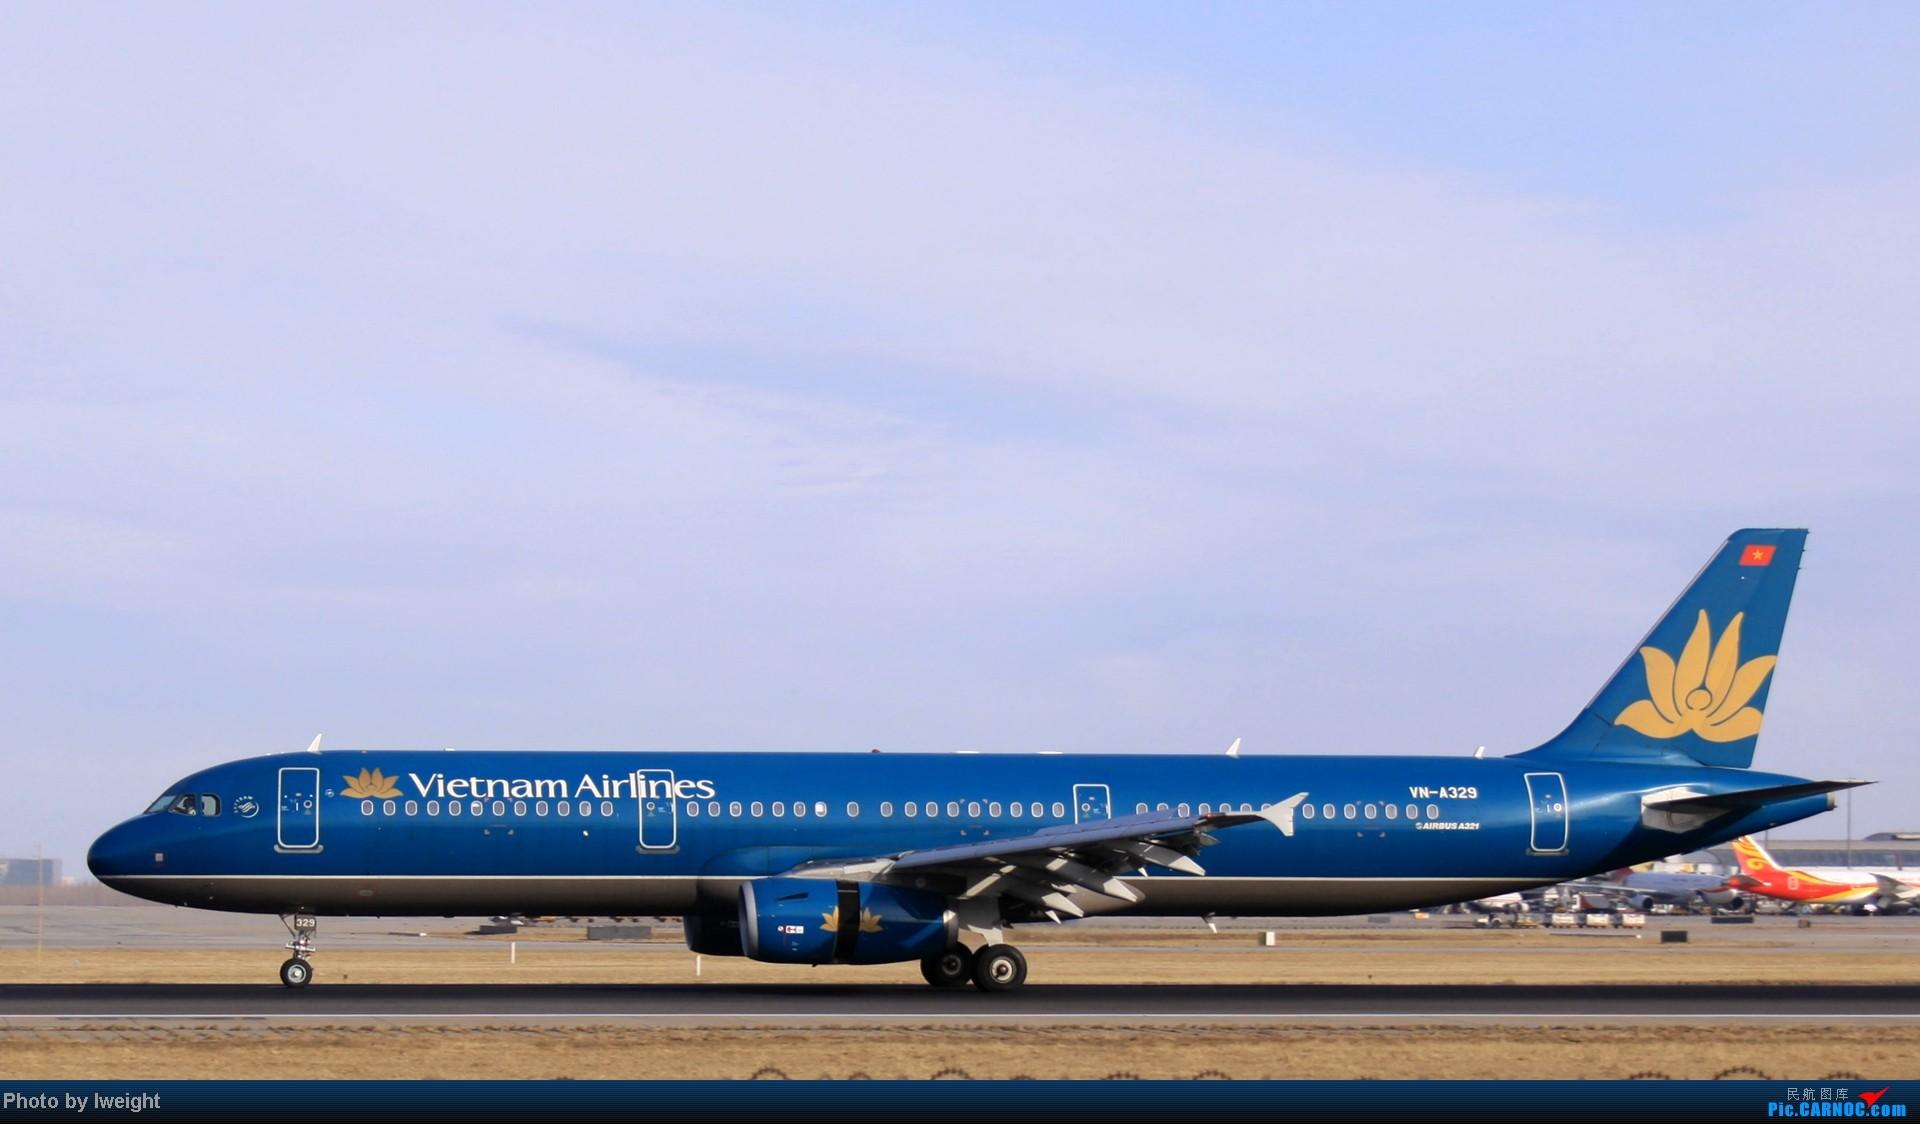 Re:[原创]今天下午瞎拍两个小时的杂图 AIRBUS A321-200 VN-A329 中国北京首都机场